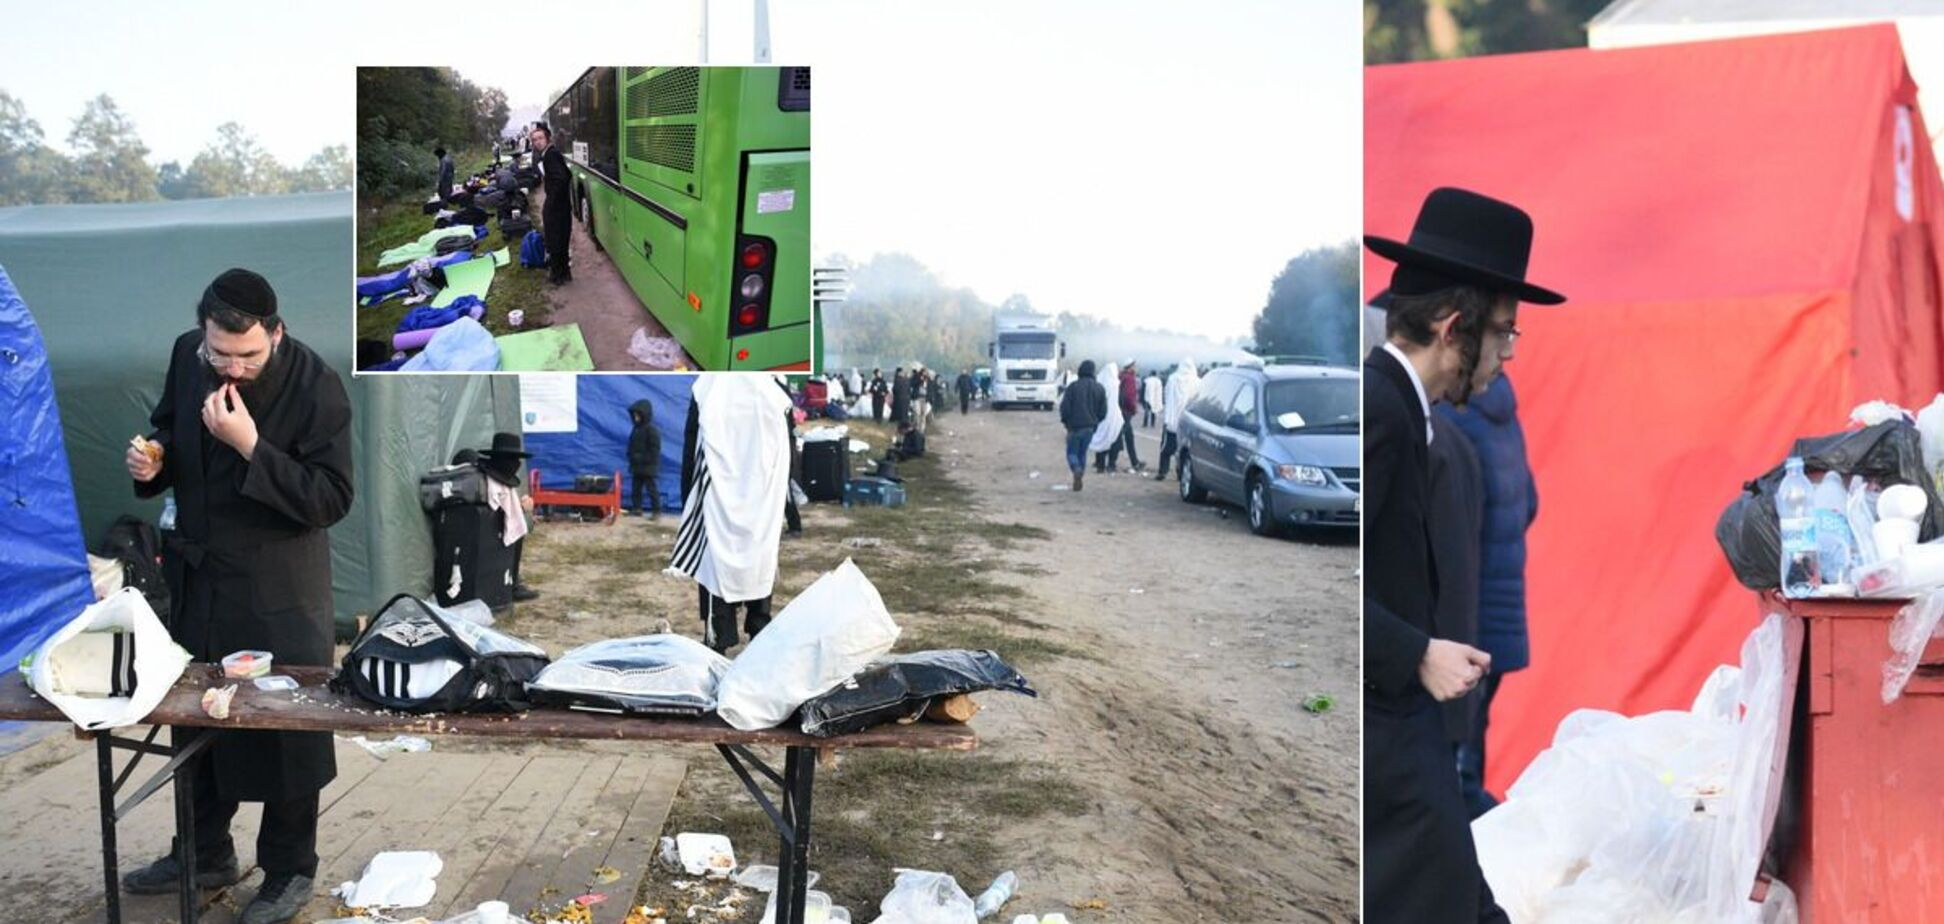 Деякі з хасидів взяли приклад з волонтерів і почали прибирати